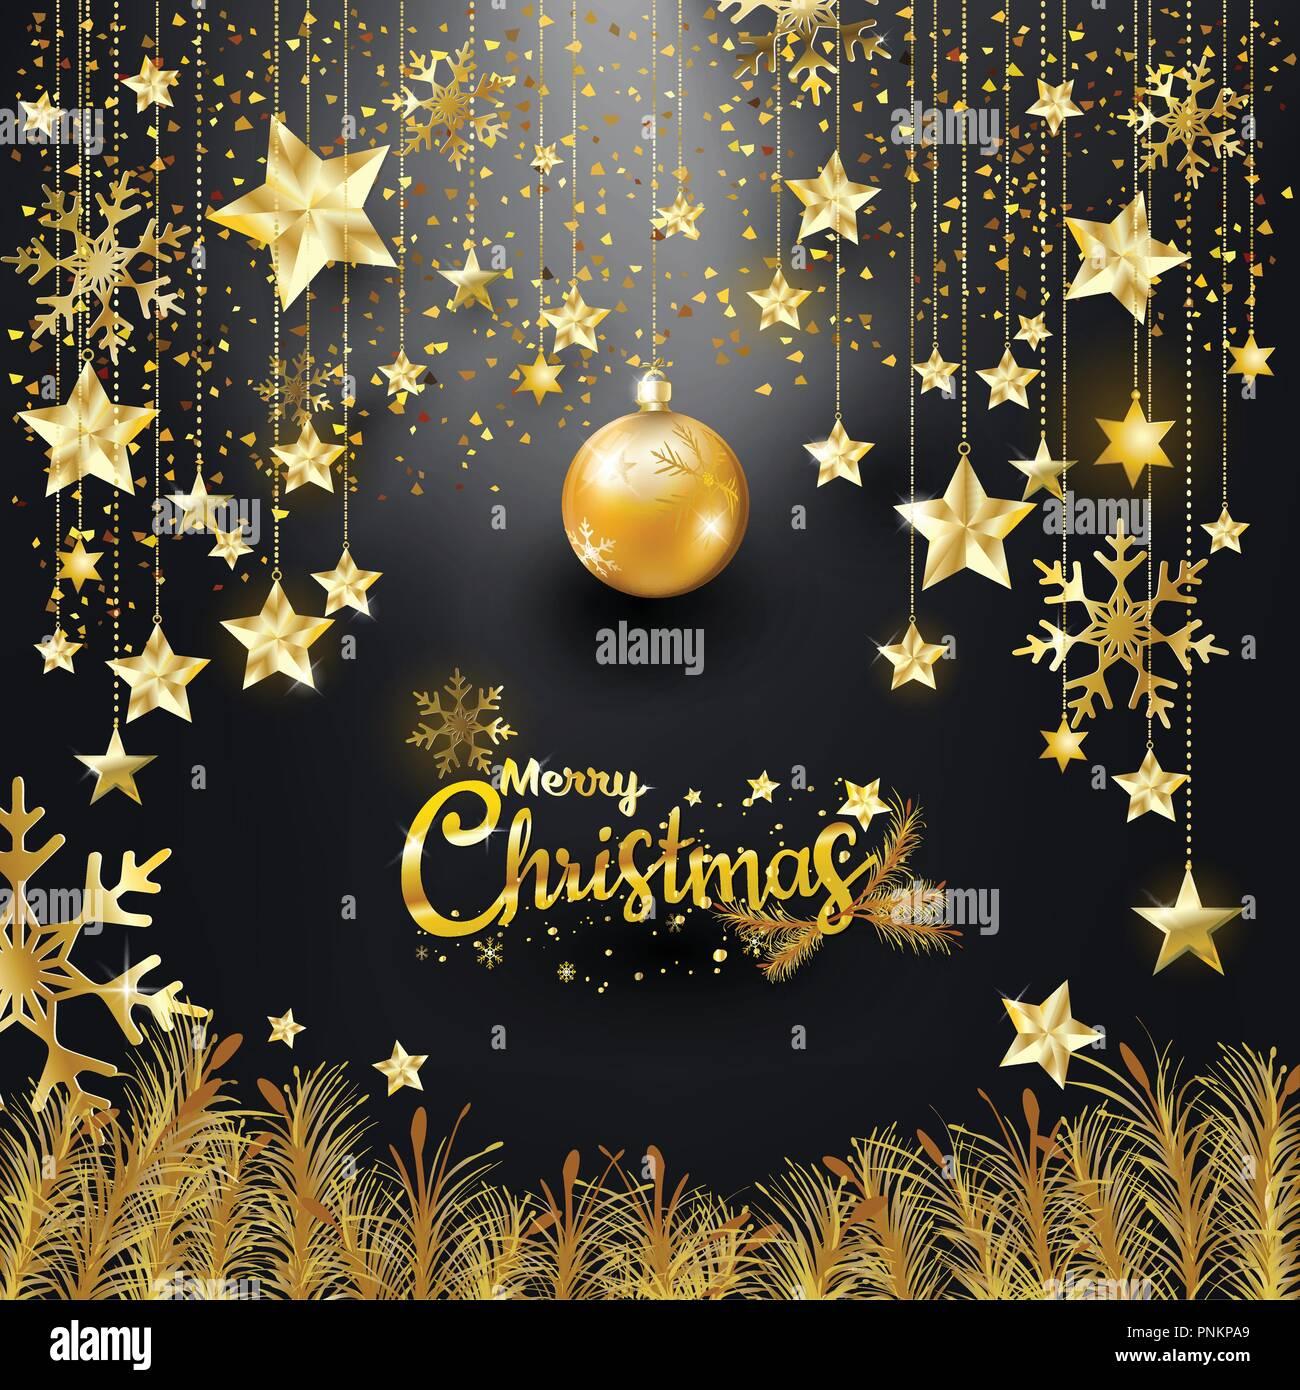 Frohe Weihnachten Glitzer.Gold Glitzer Frohe Weihnachten Und Guten Rutsch Ins Neue Jahr